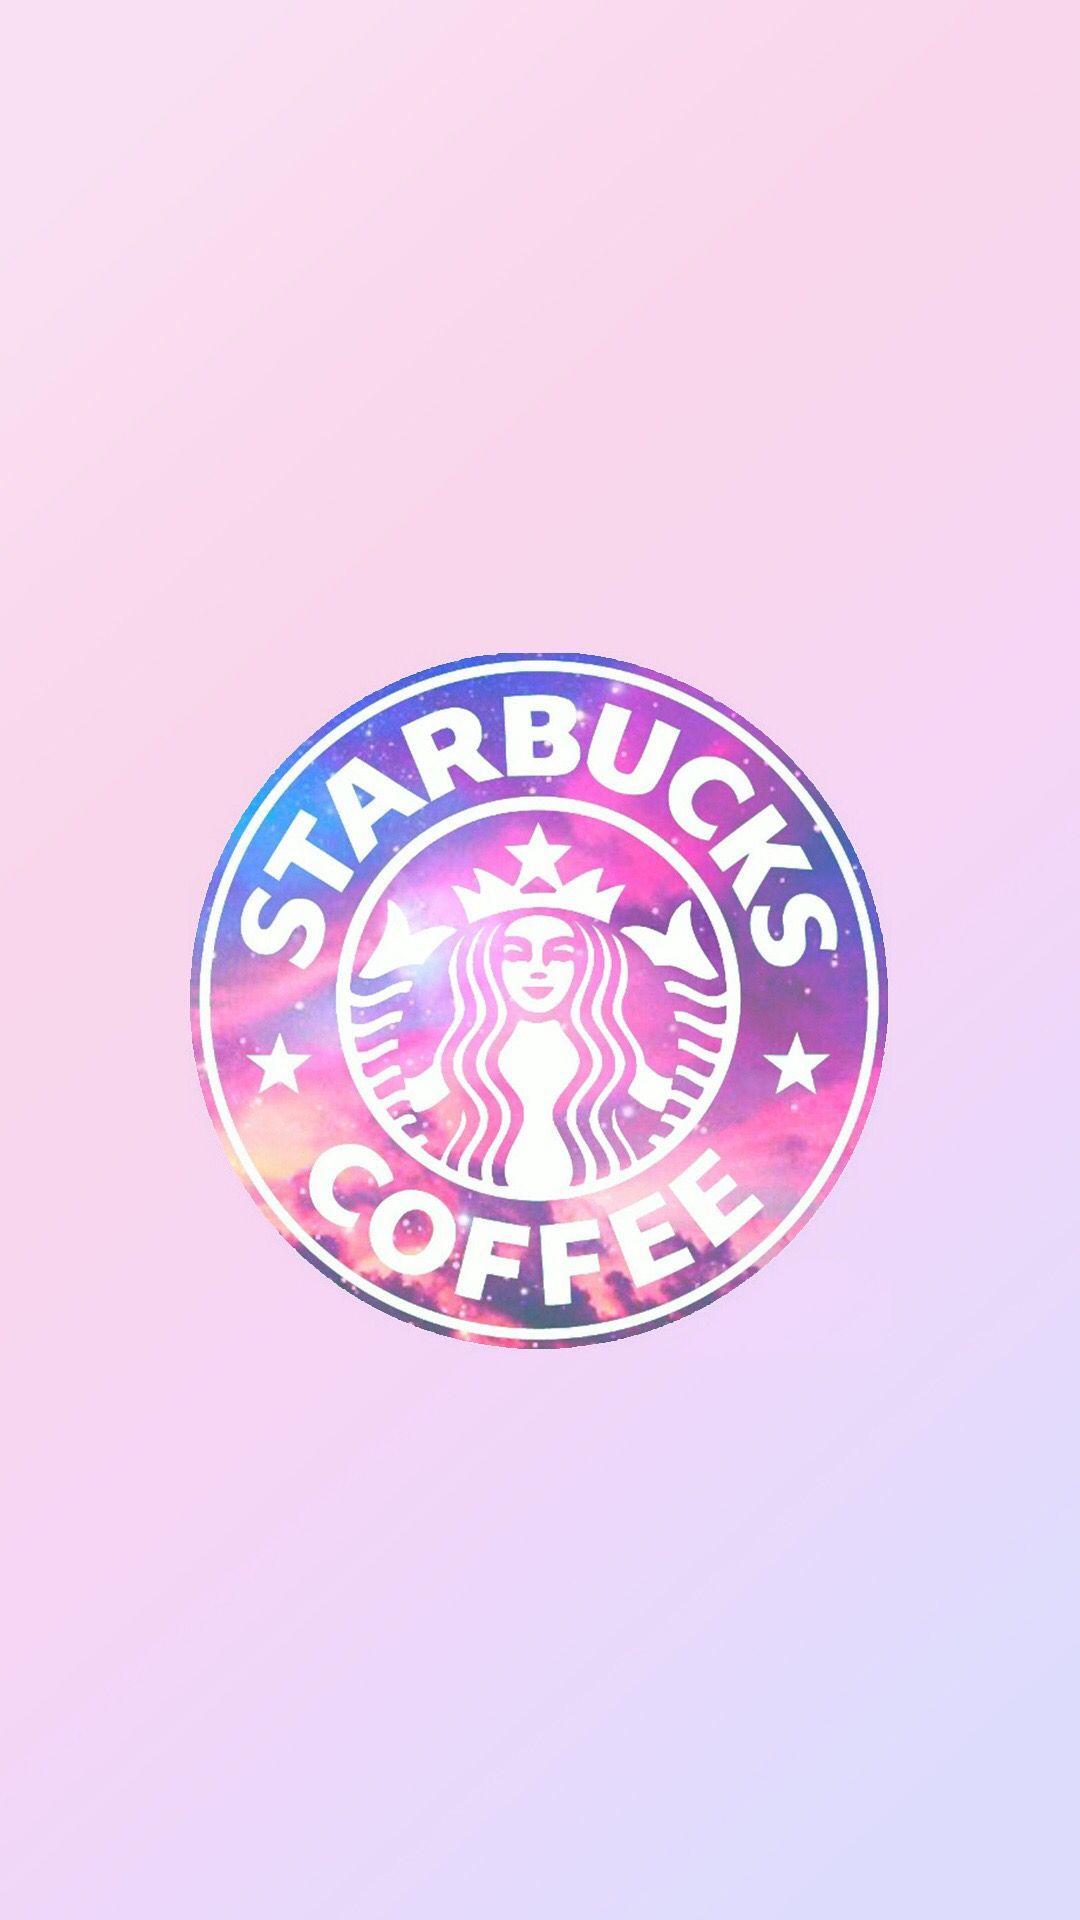 Starbucks Galaxy wallpaper hd